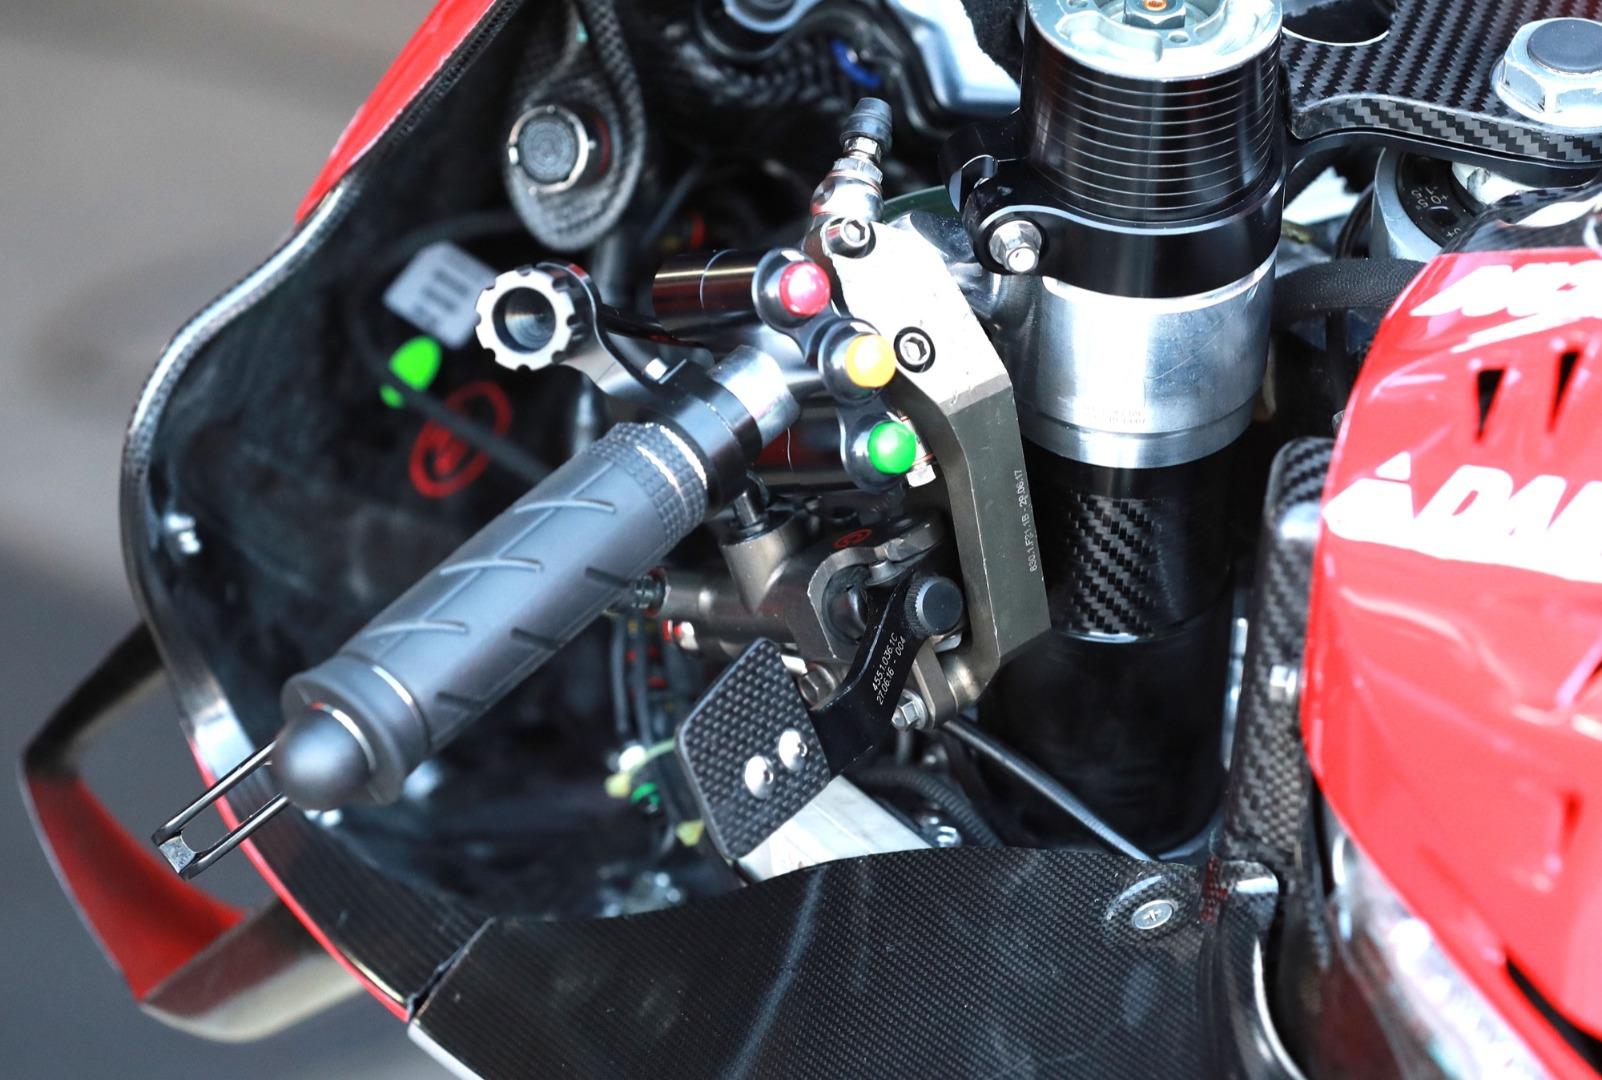 Ducati GP20 - Detalle de la palanca de freno trasero en el pulgar